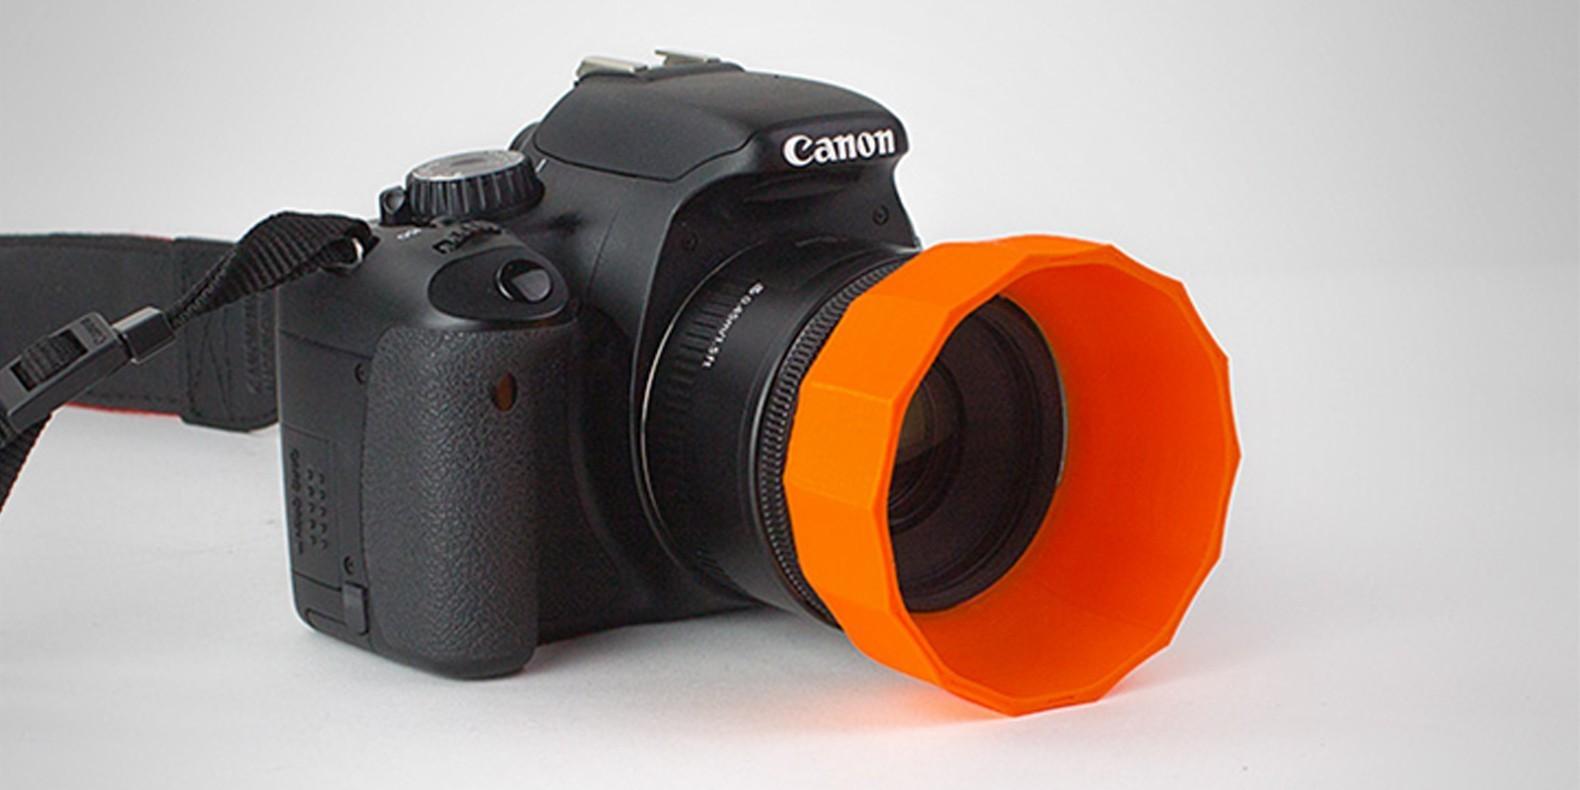 Encuentre aquí una selección de los mejores modelos 3D de camara para hacer con una impresora 3D